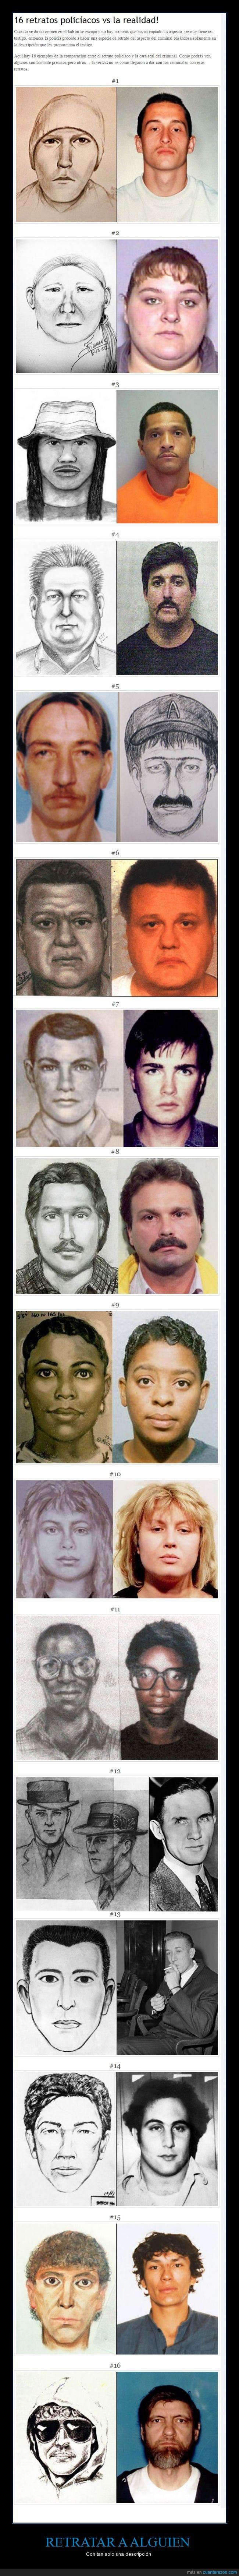 algunos retratos se ven muy bien,criminales,descripción,parecido,policía,retratar,retrato robot